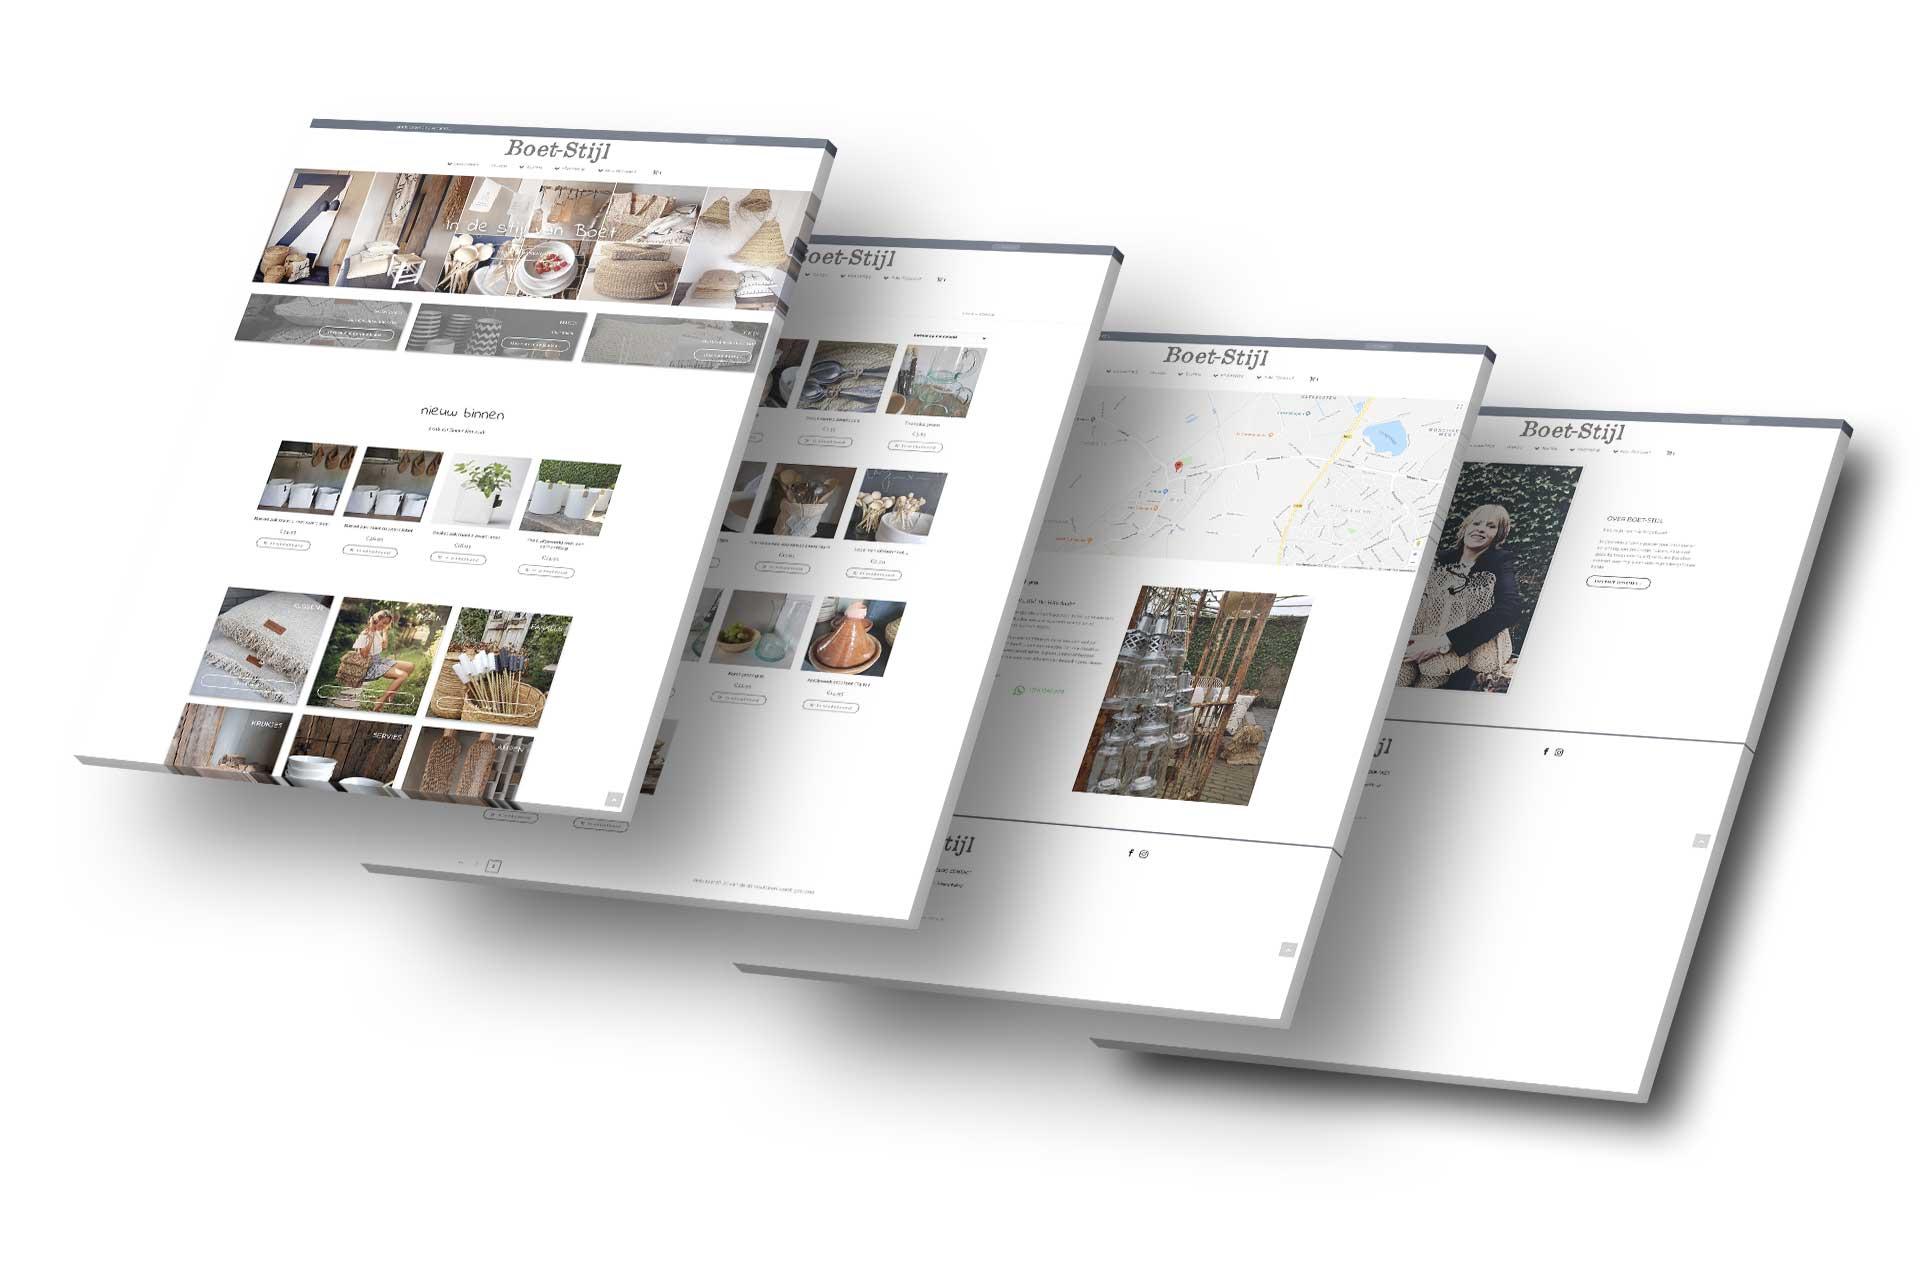 Boet-Stijl Webshop - Website Creatie